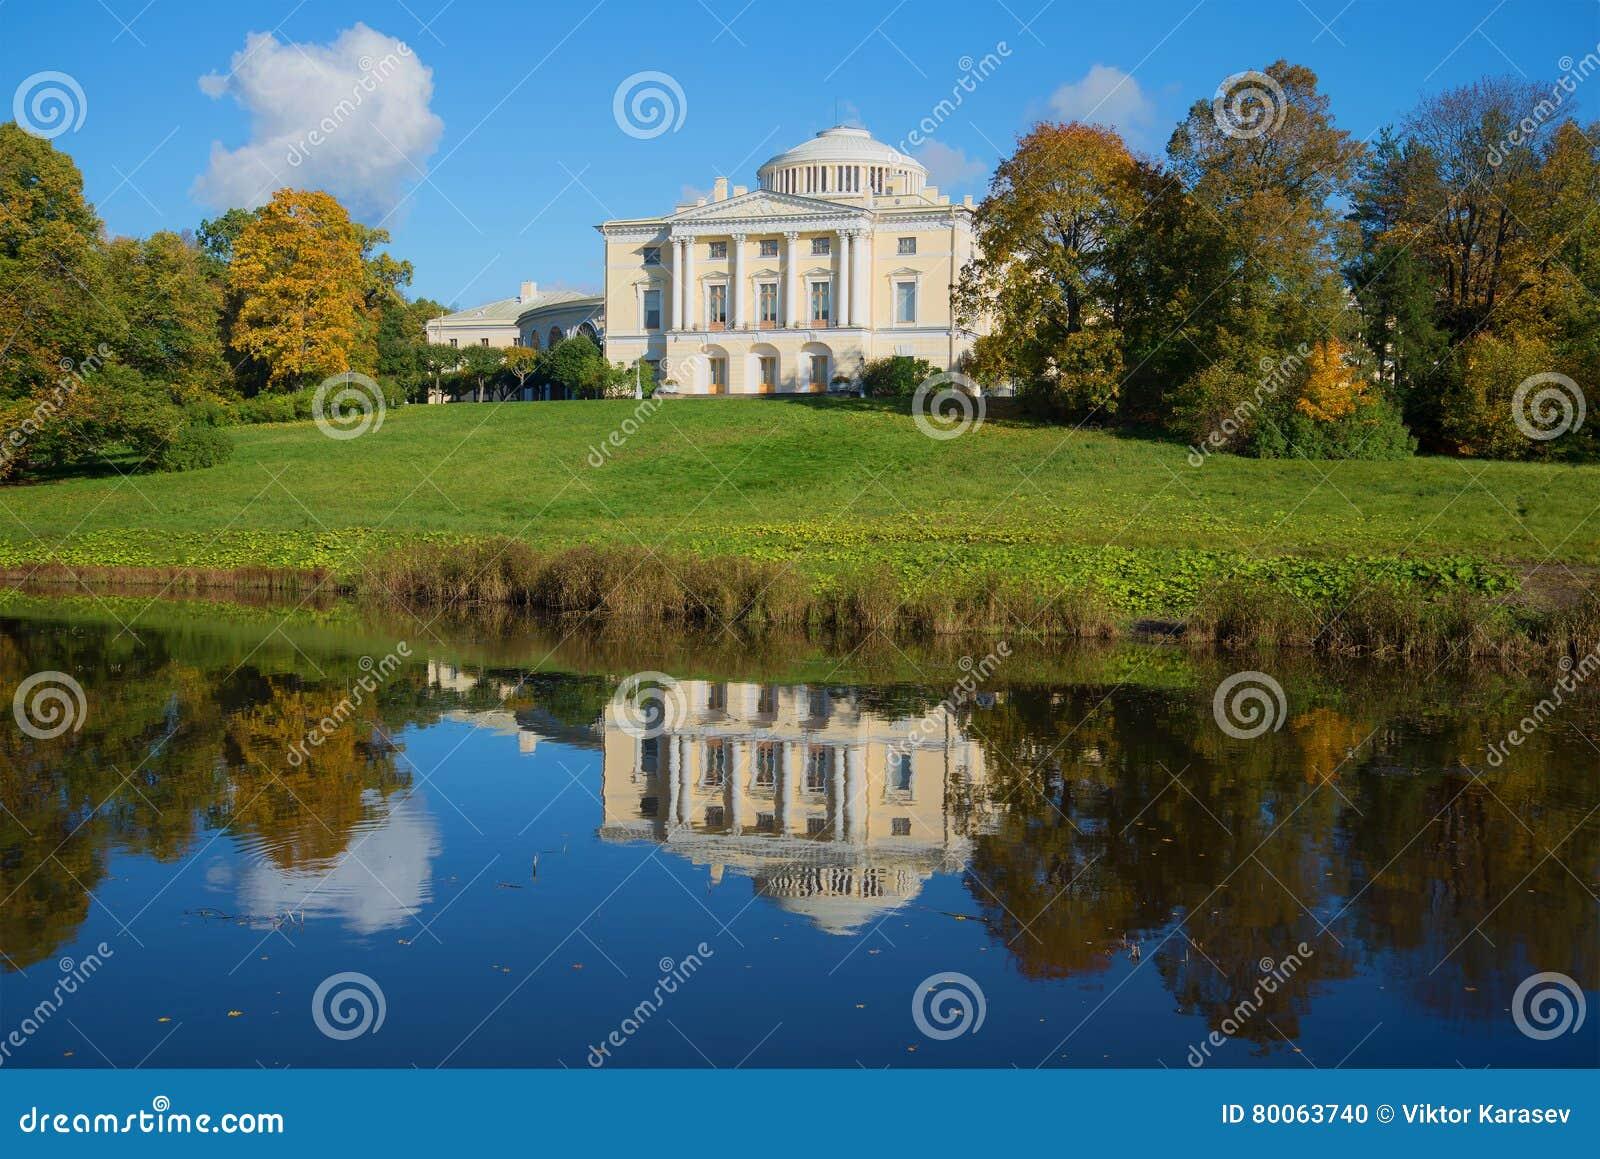 Pavlovsk παλάτι και το ηλιόλουστο απόγευμα αντανάκλασής του Pavlovsk, Άγιος-Πετρούπολη Ρωσία